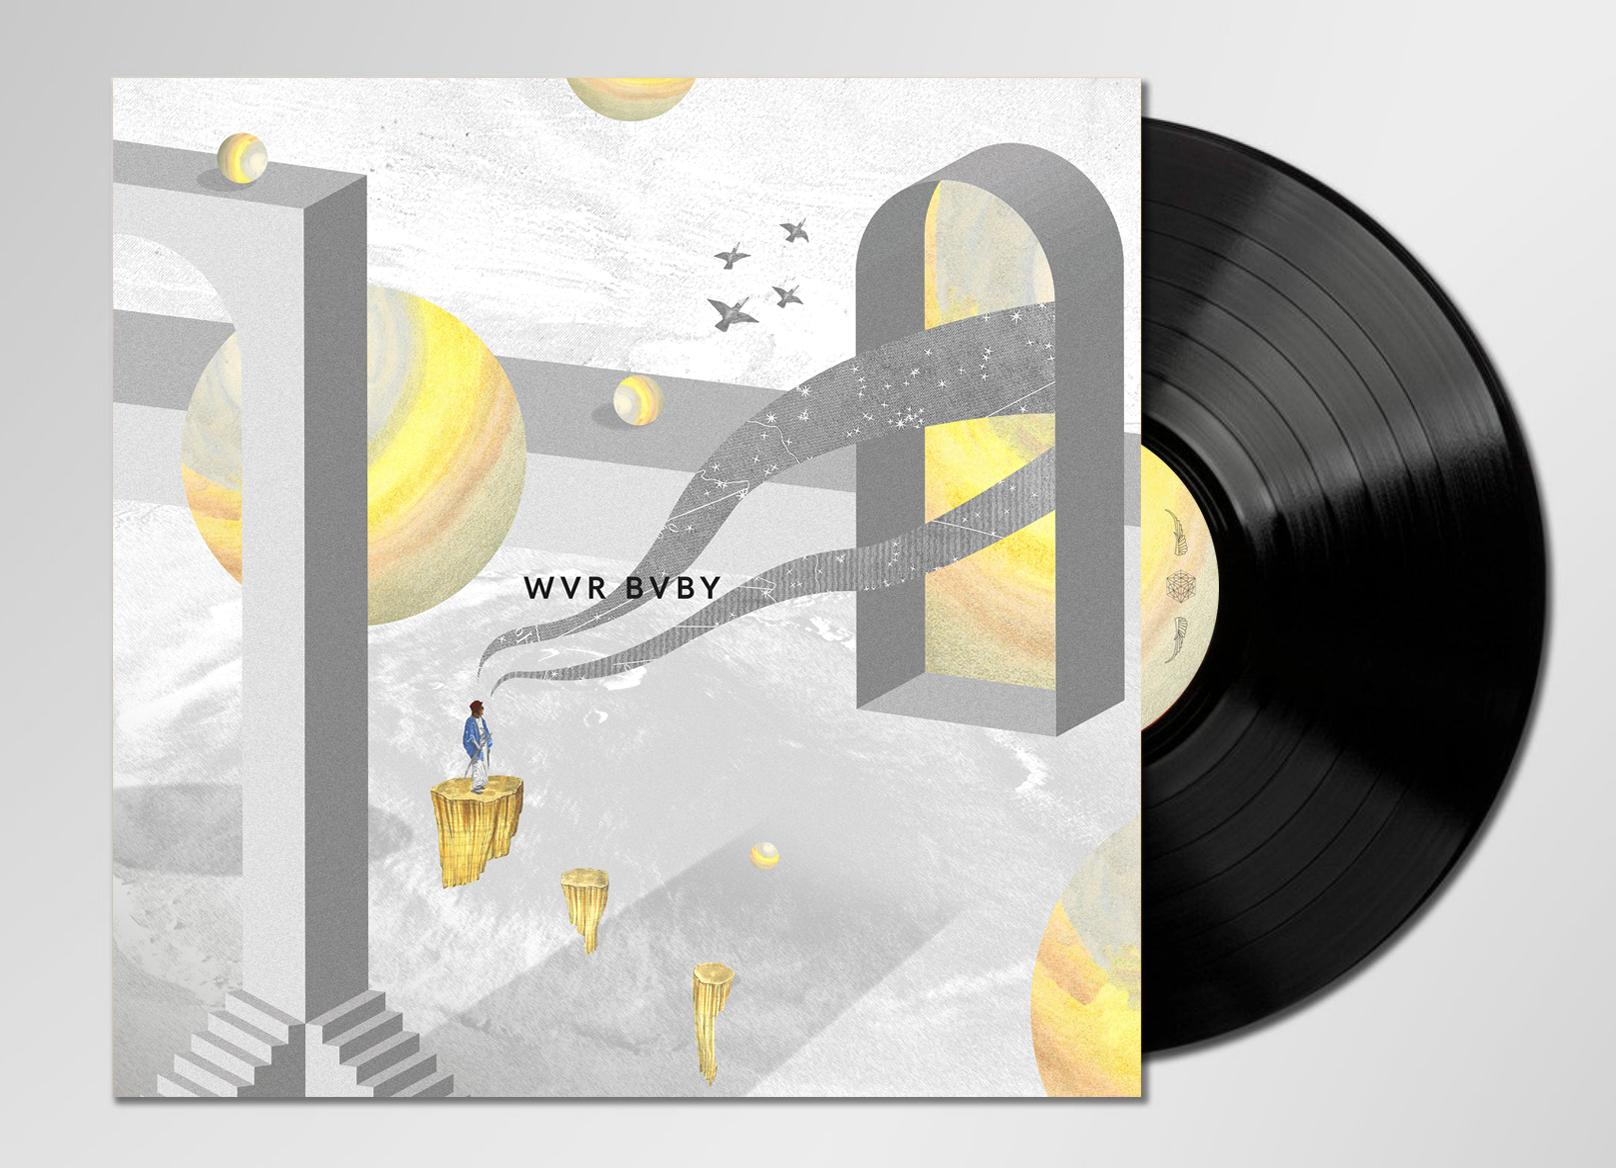 WVR BVBY_Sleeve Vinyl